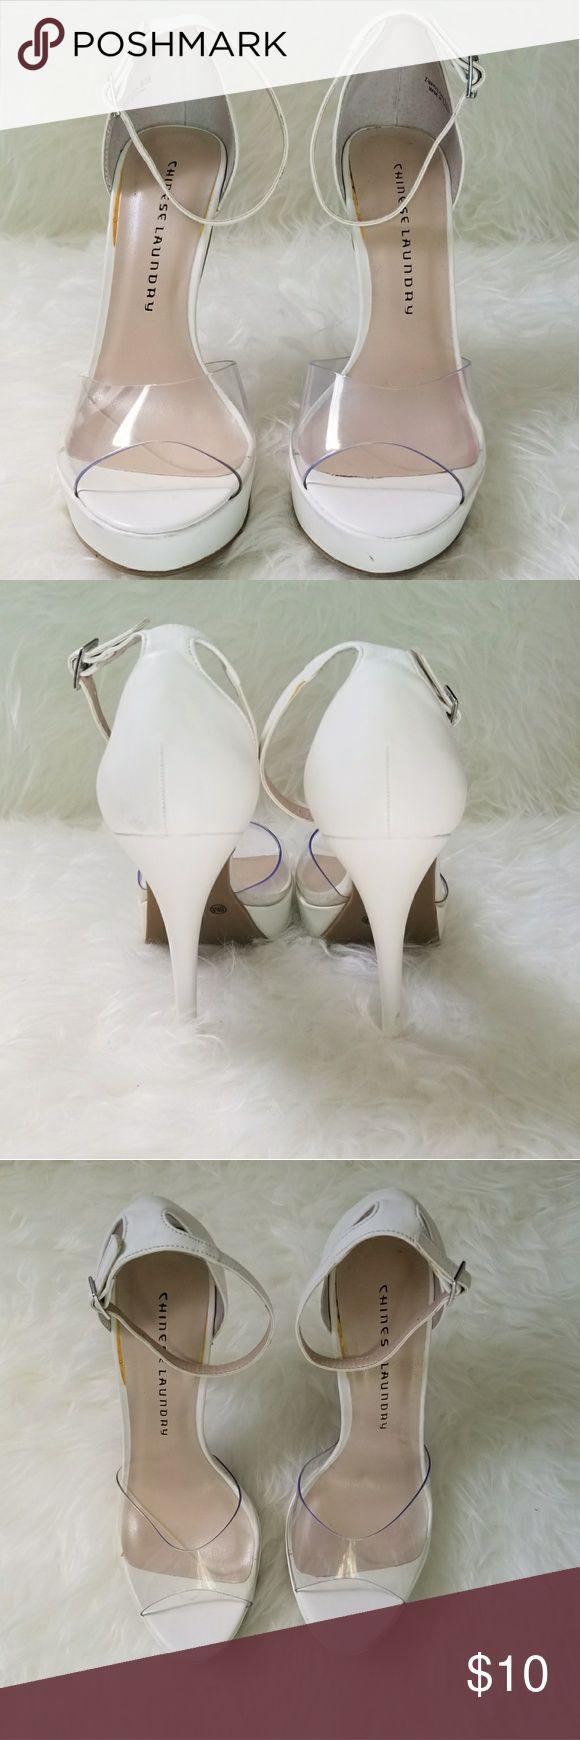 I just added this listing on Poshmark: Chinese Laundry Peep Toe Heels. #shopmycloset #poshmark #fashion #shopping #style #forsale #Chinese Laundry #Shoes